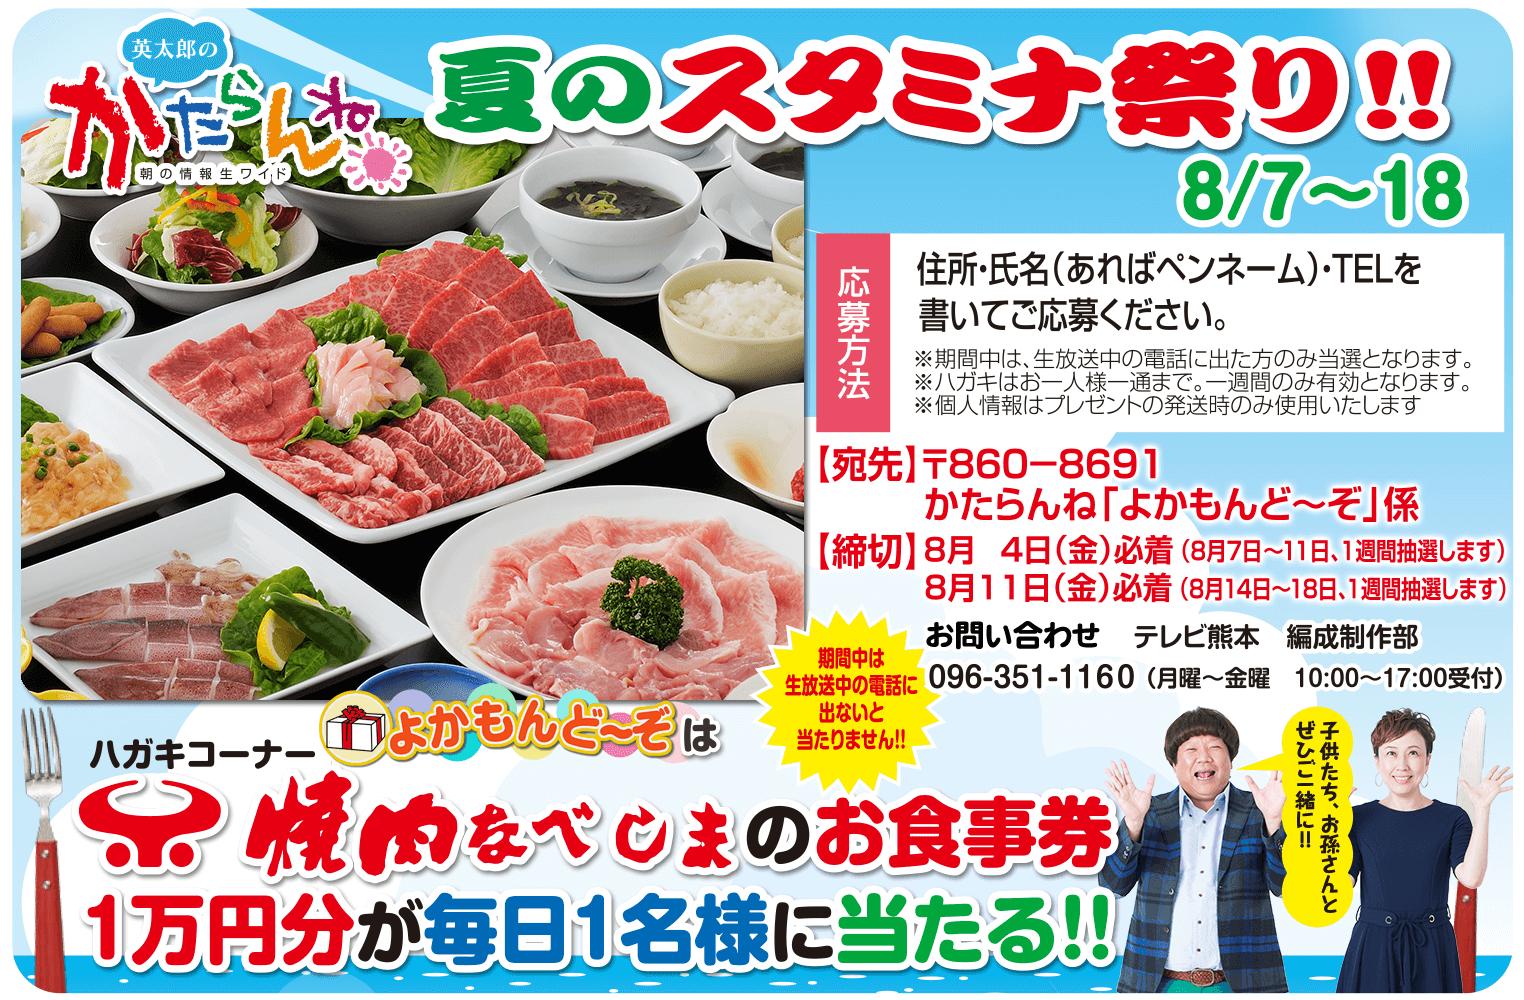 8月のよかもんど~ぞは焼肉なべしまのお食事券1万円分が当たる!